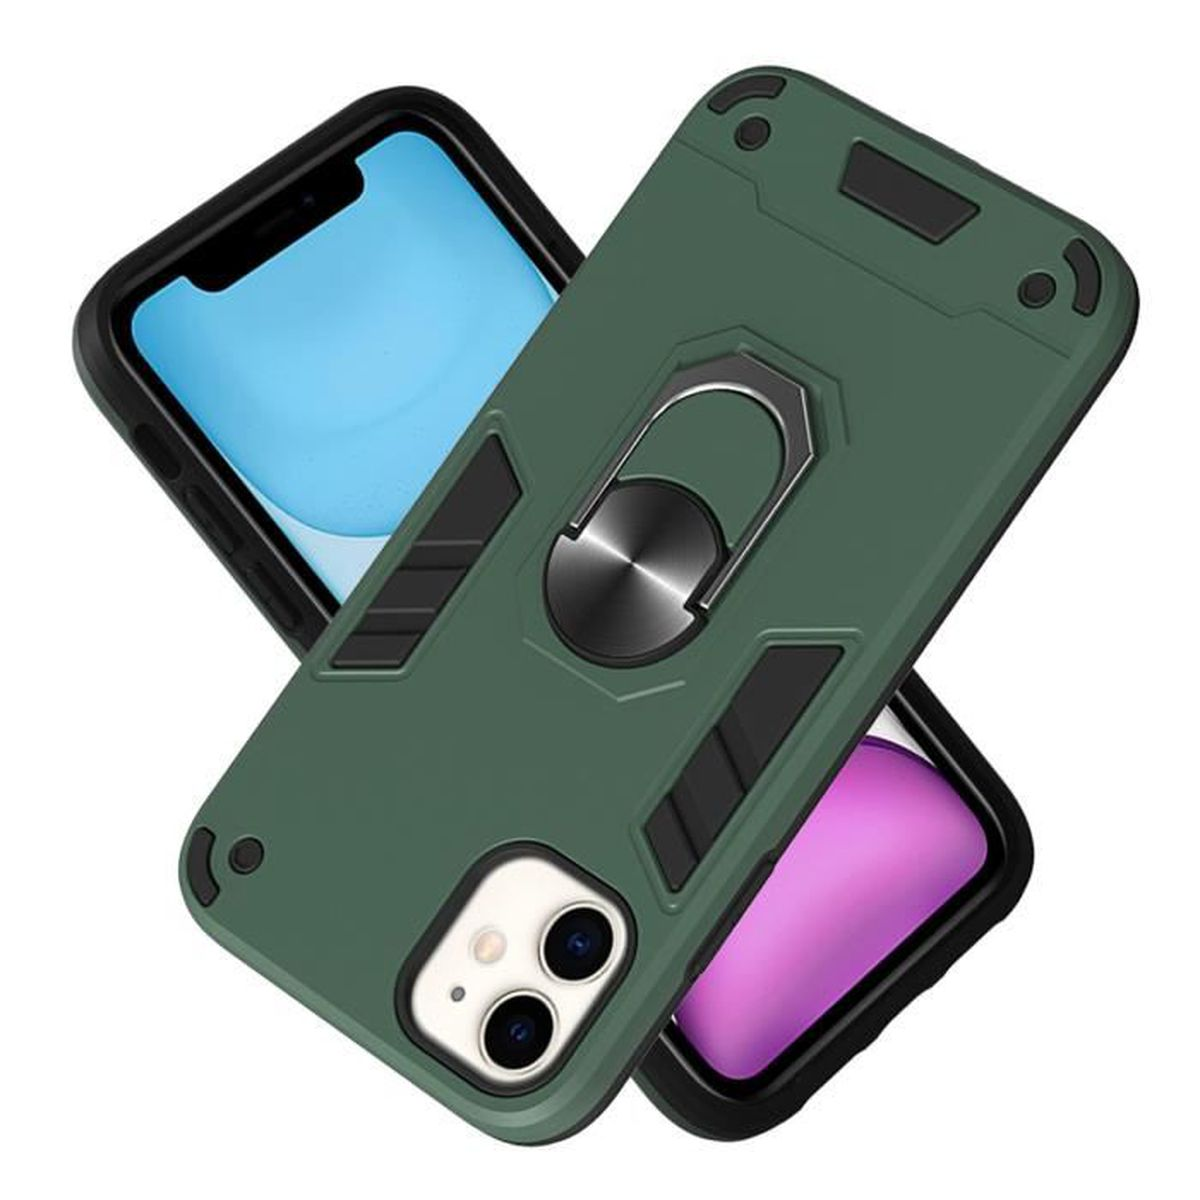 Pour iPhone 11 Coque de Protection 2 in 1 Antichoc Durable Bumper Arrière Etui Housse iPhone 11 (6.1